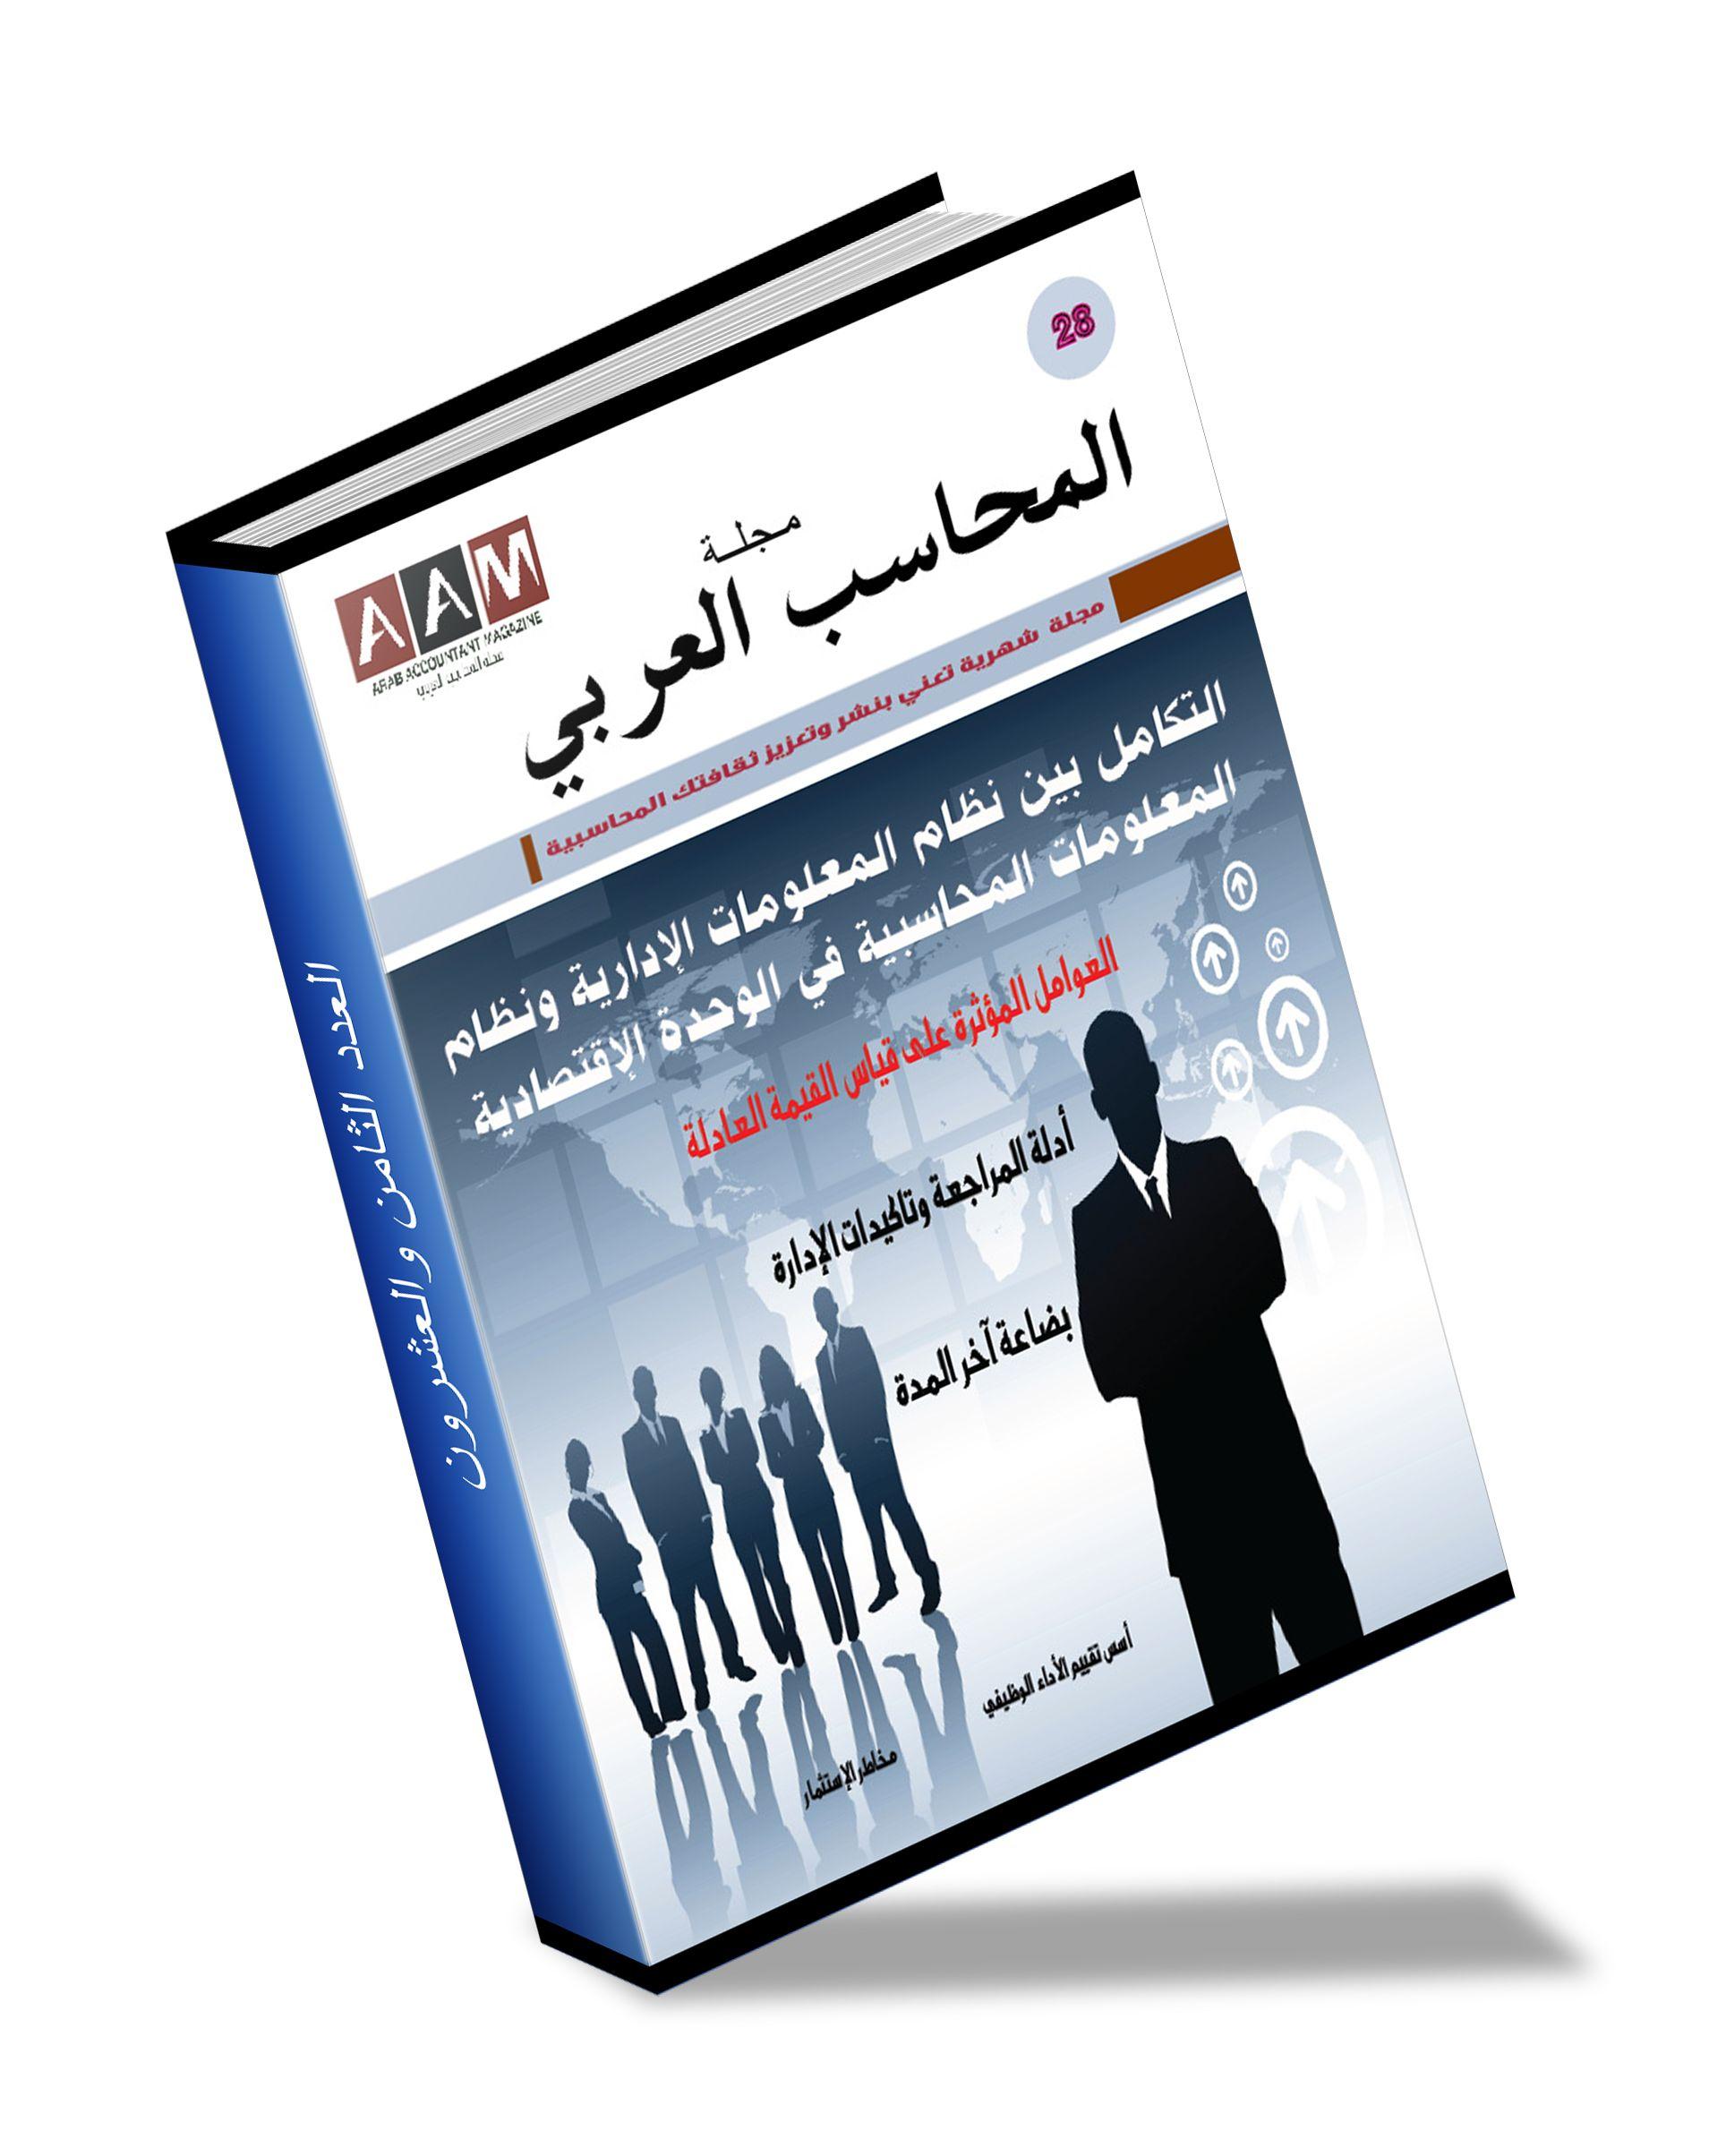 الربط بين محتوى المعلومات لقائمة الدخل وقائمة التدفقات النقدية New Details Accounting Book Cover